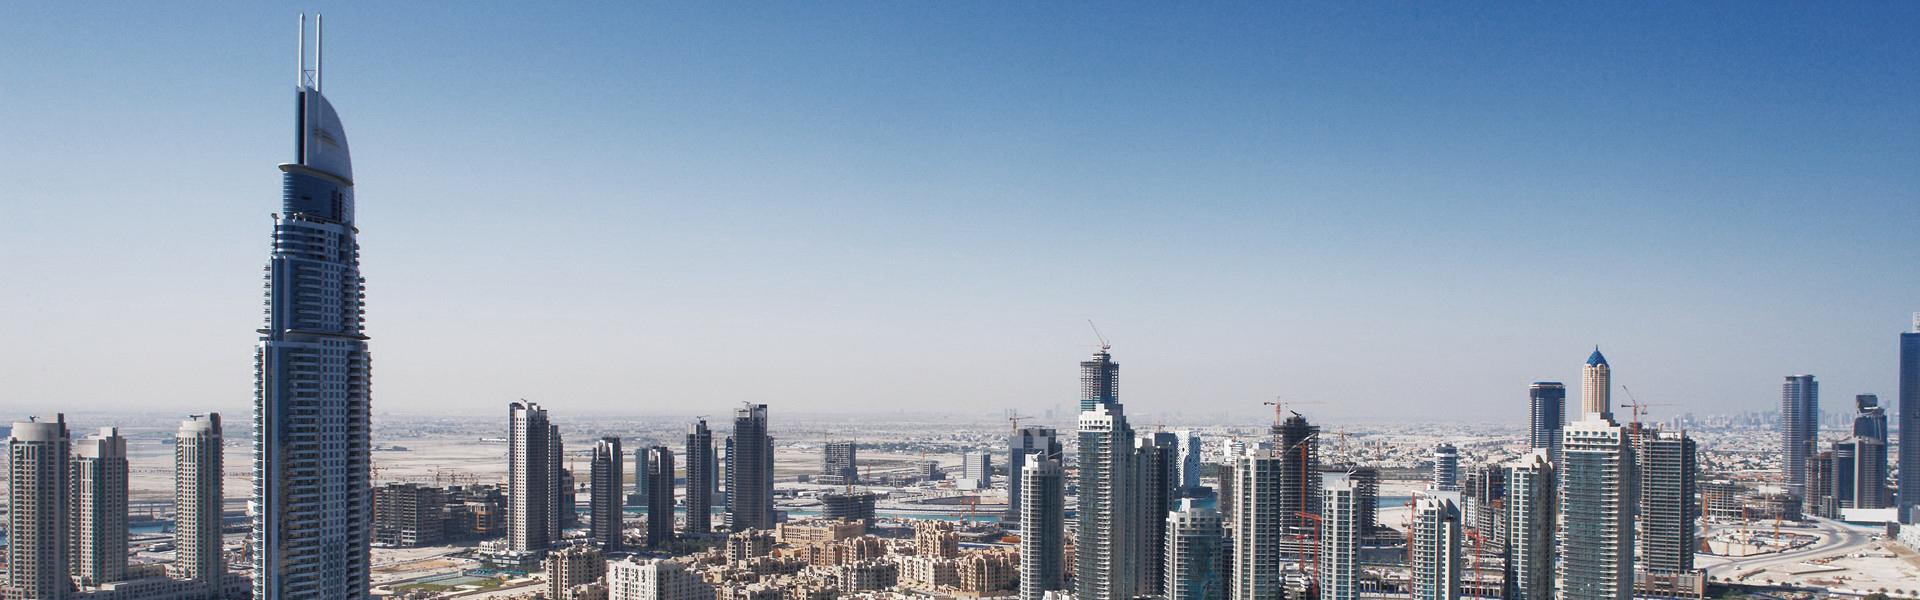 5 мест в Дубае, которые могут быть опасны для туристов